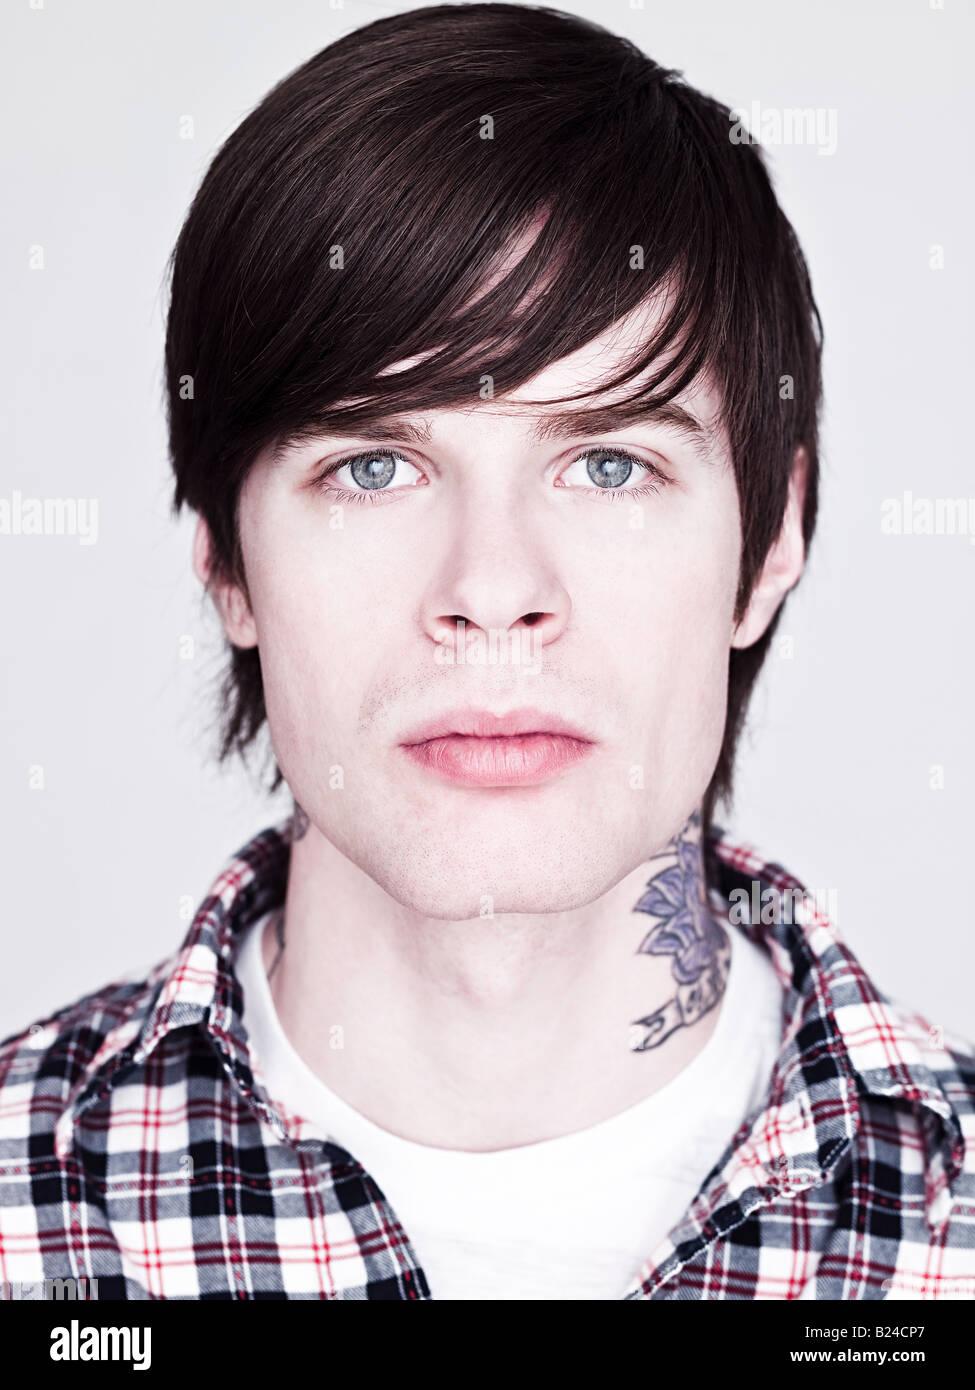 jeune homme au tatouage sur son cou banque d'images, photo stock